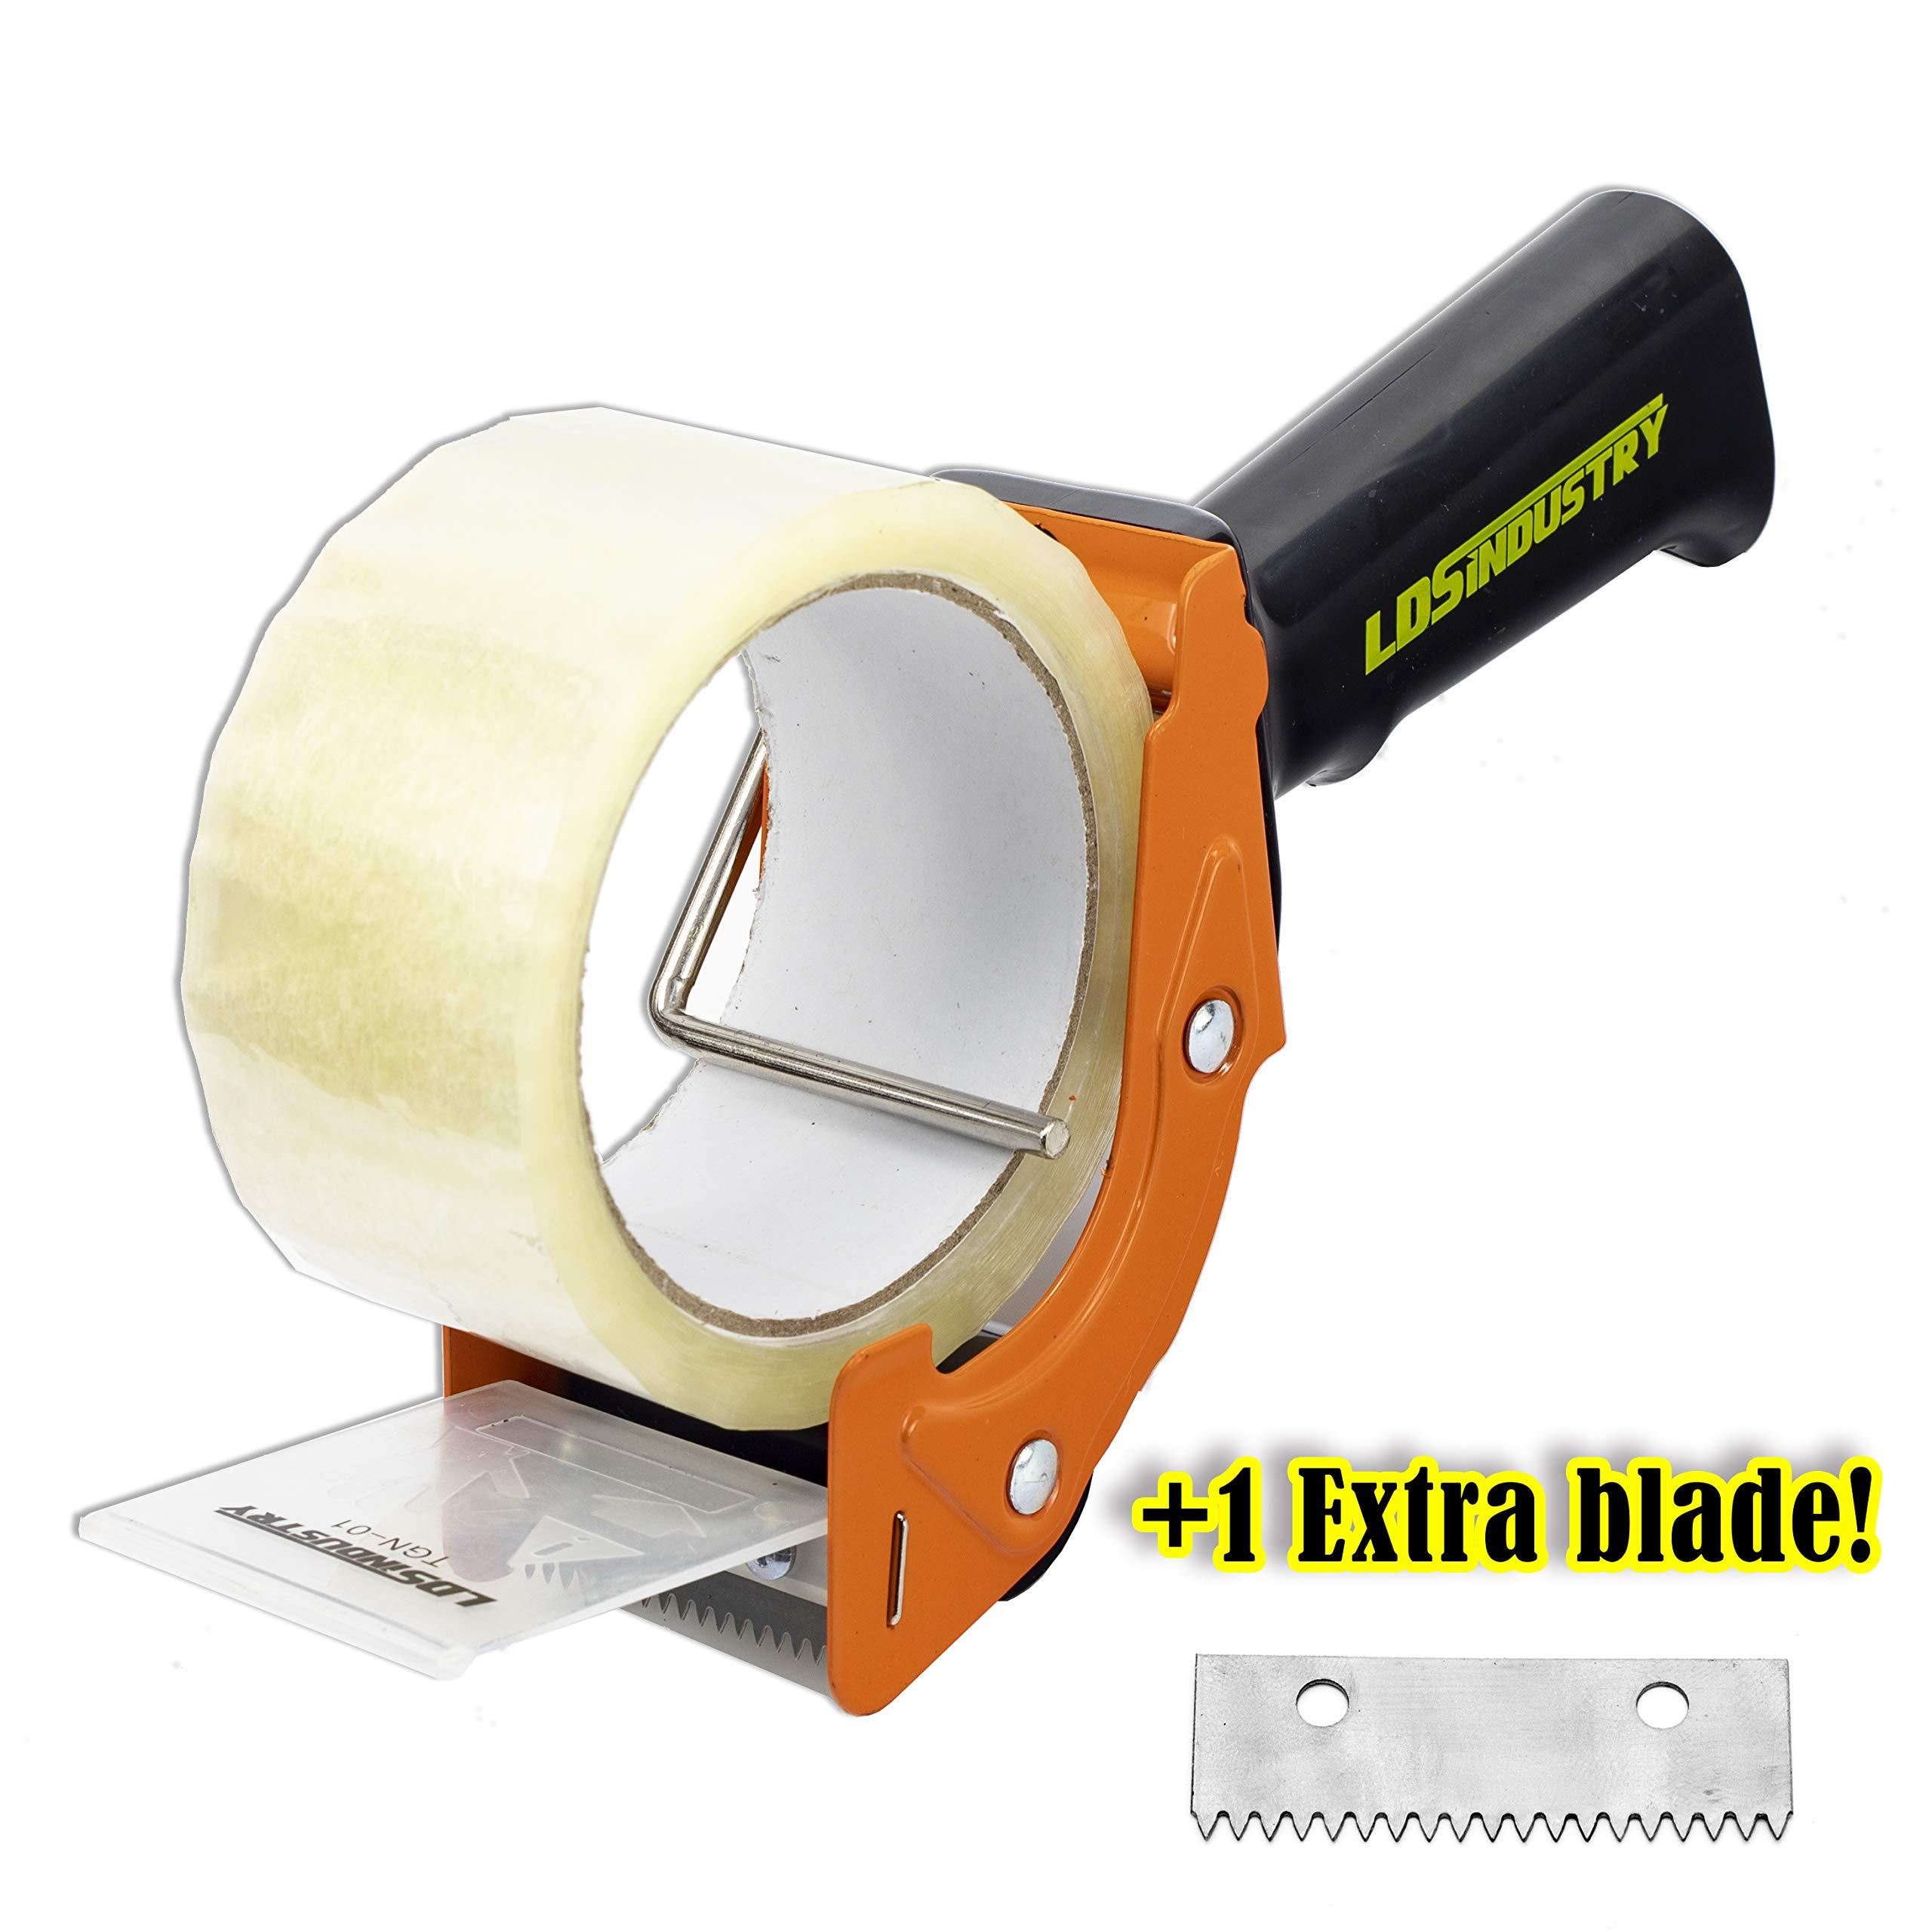 70a6b07da5b Rapid-Replace Tape Dispenser Gun with 2 Inch X 60 Yard Tape Roll  (Transparent